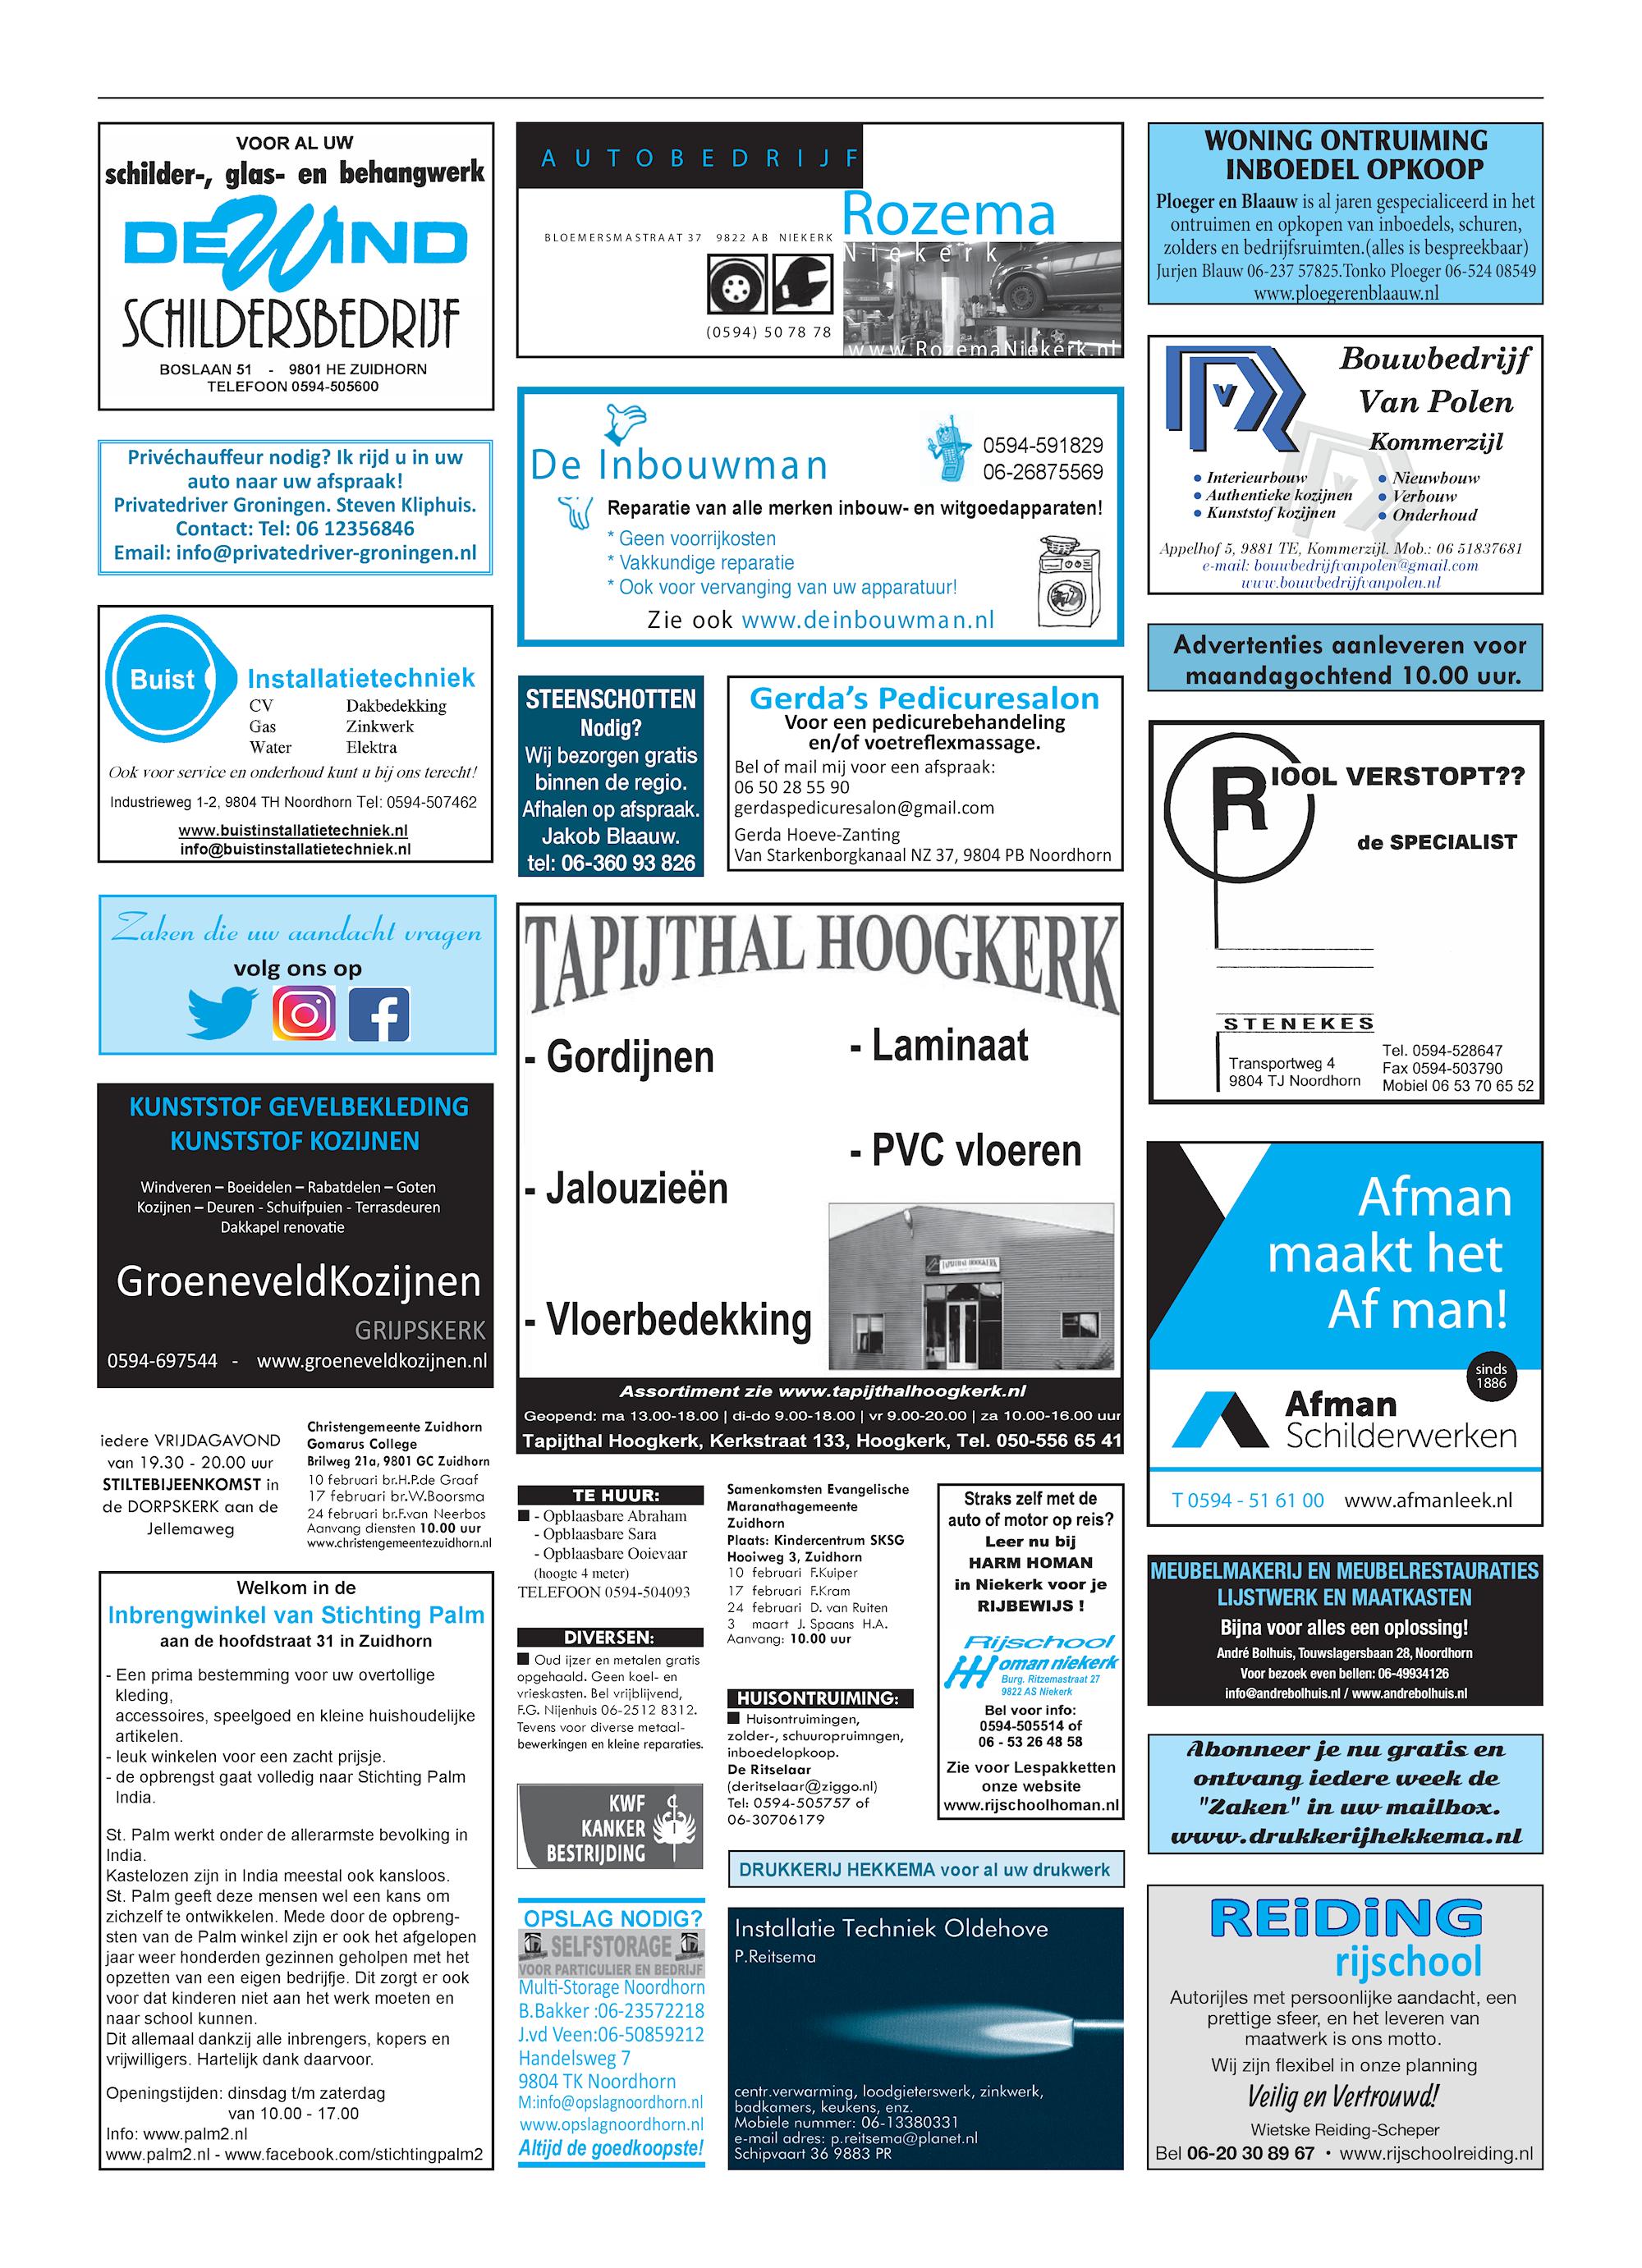 Drukkerij Hekkema - Zuidhorn - Zaken die uw aandacht vragen 2019